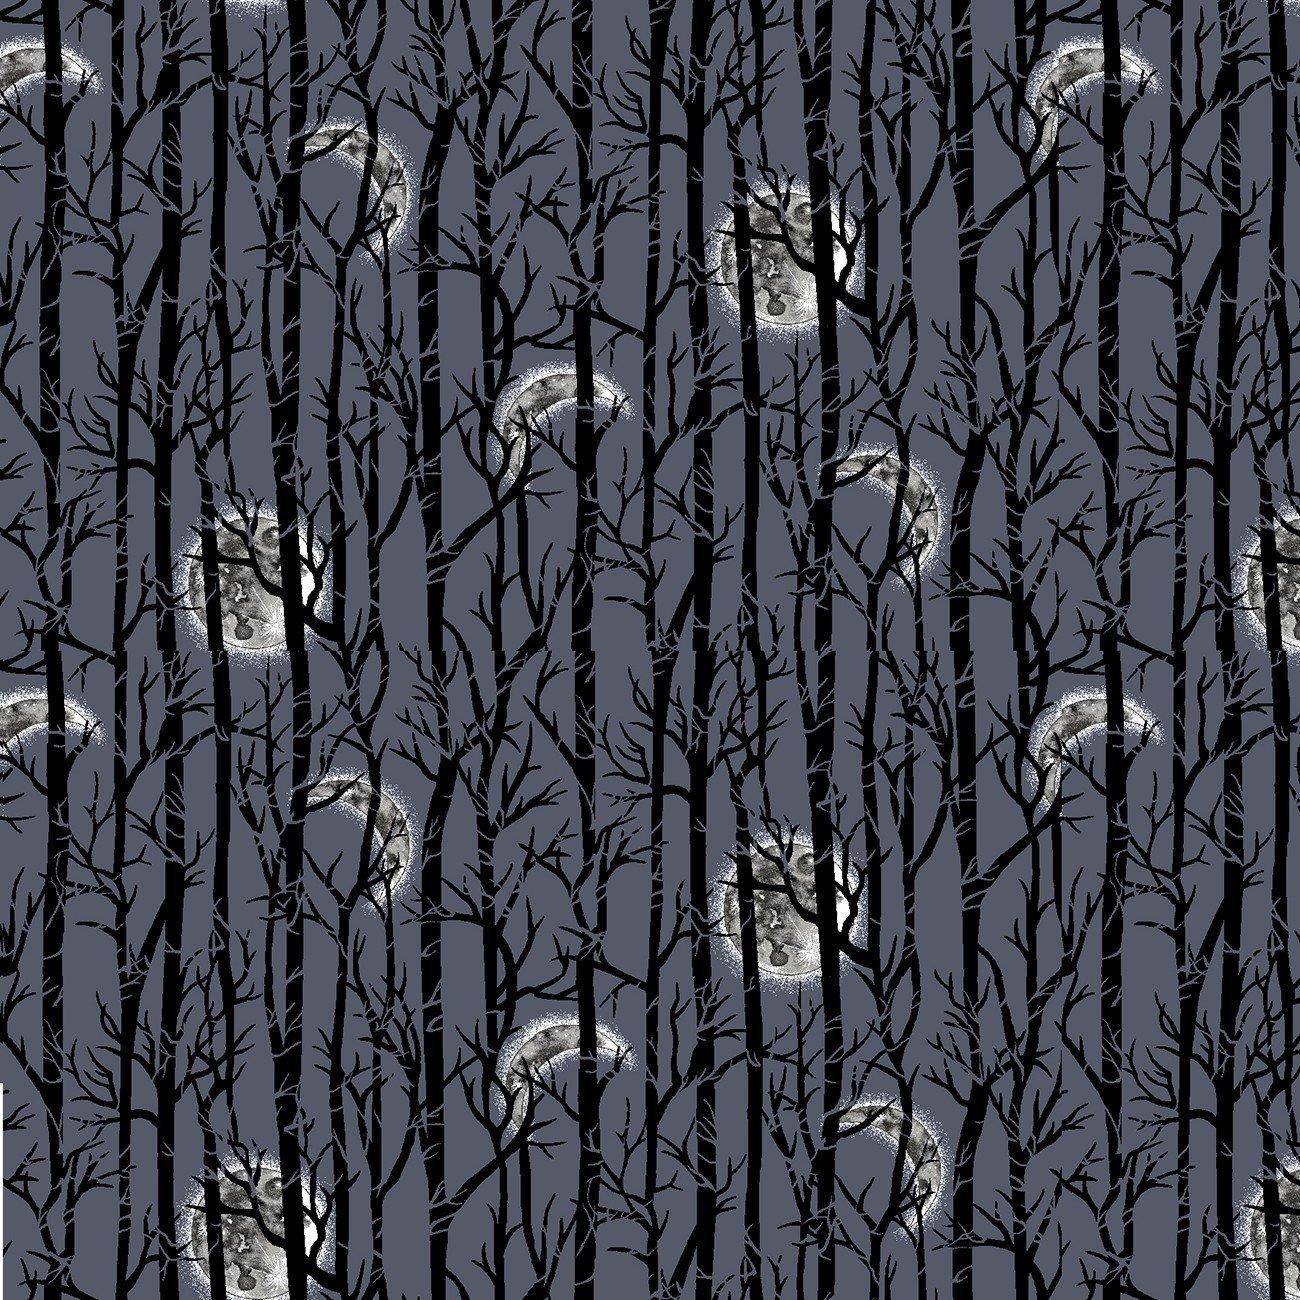 Spooky Night - Moonlight Trees